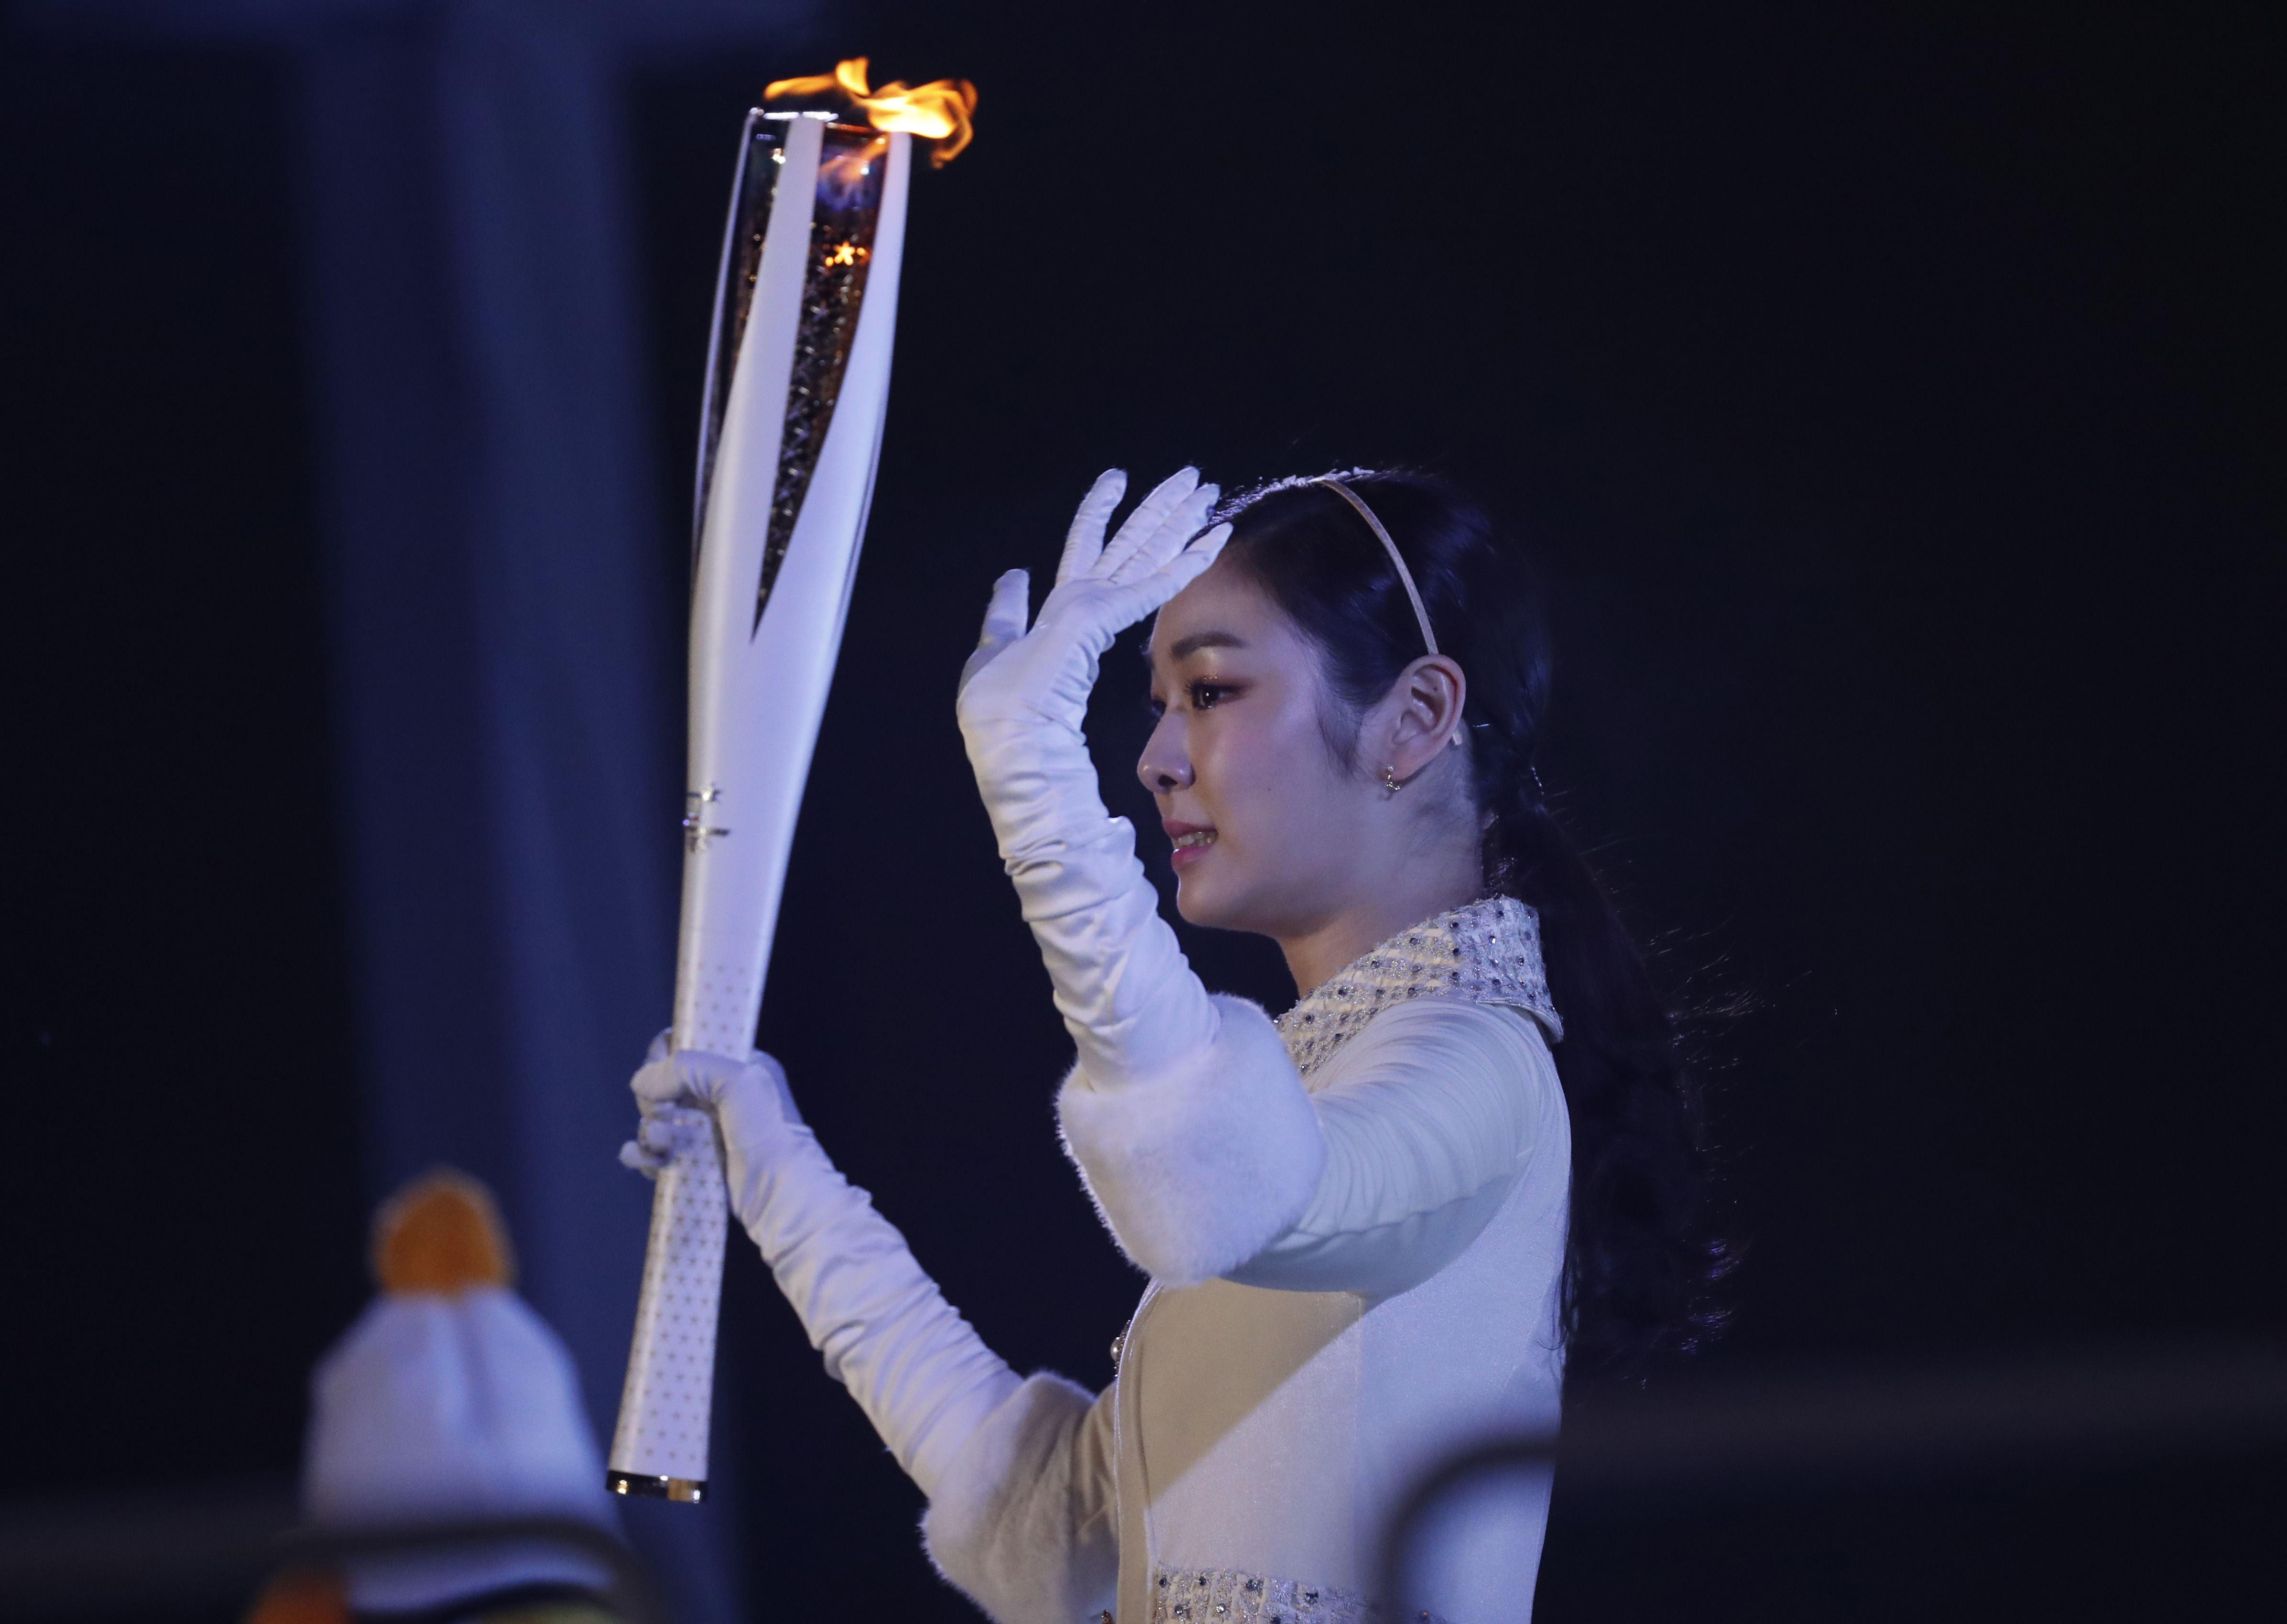 圖為南韓知名滑冰名將金妍兒點燃聖火,為開幕掀起高潮。路透